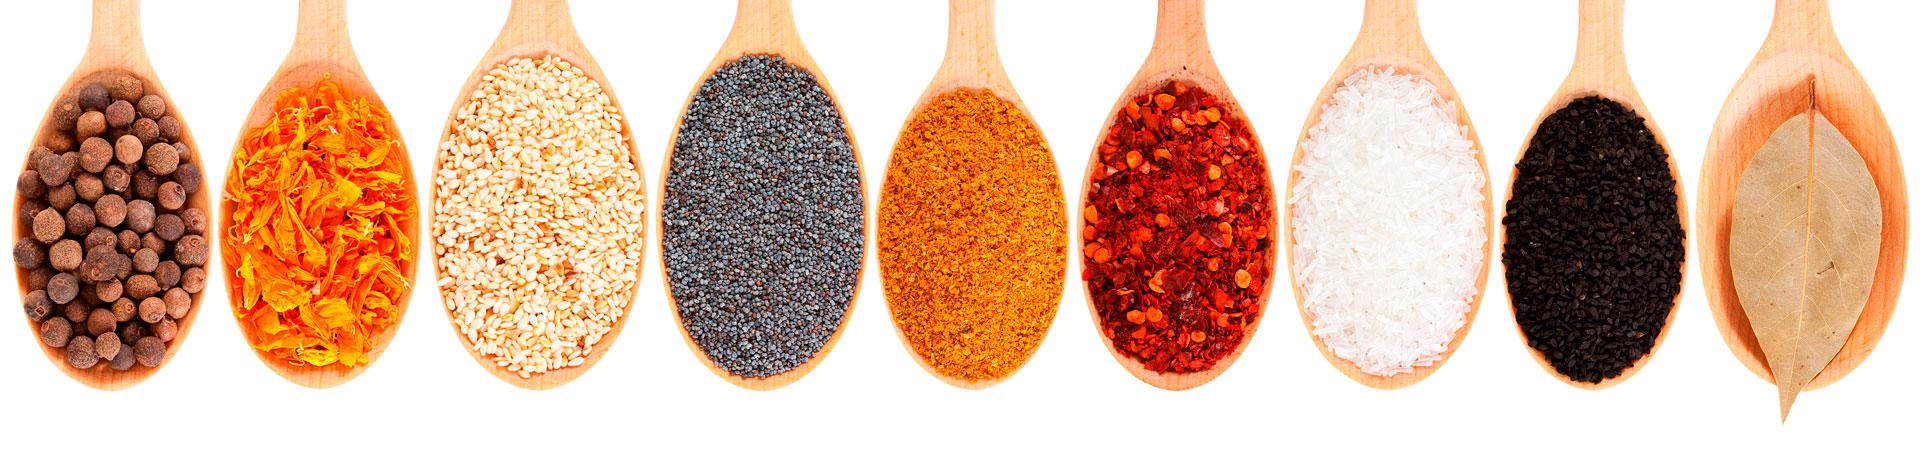 Paprika et épices